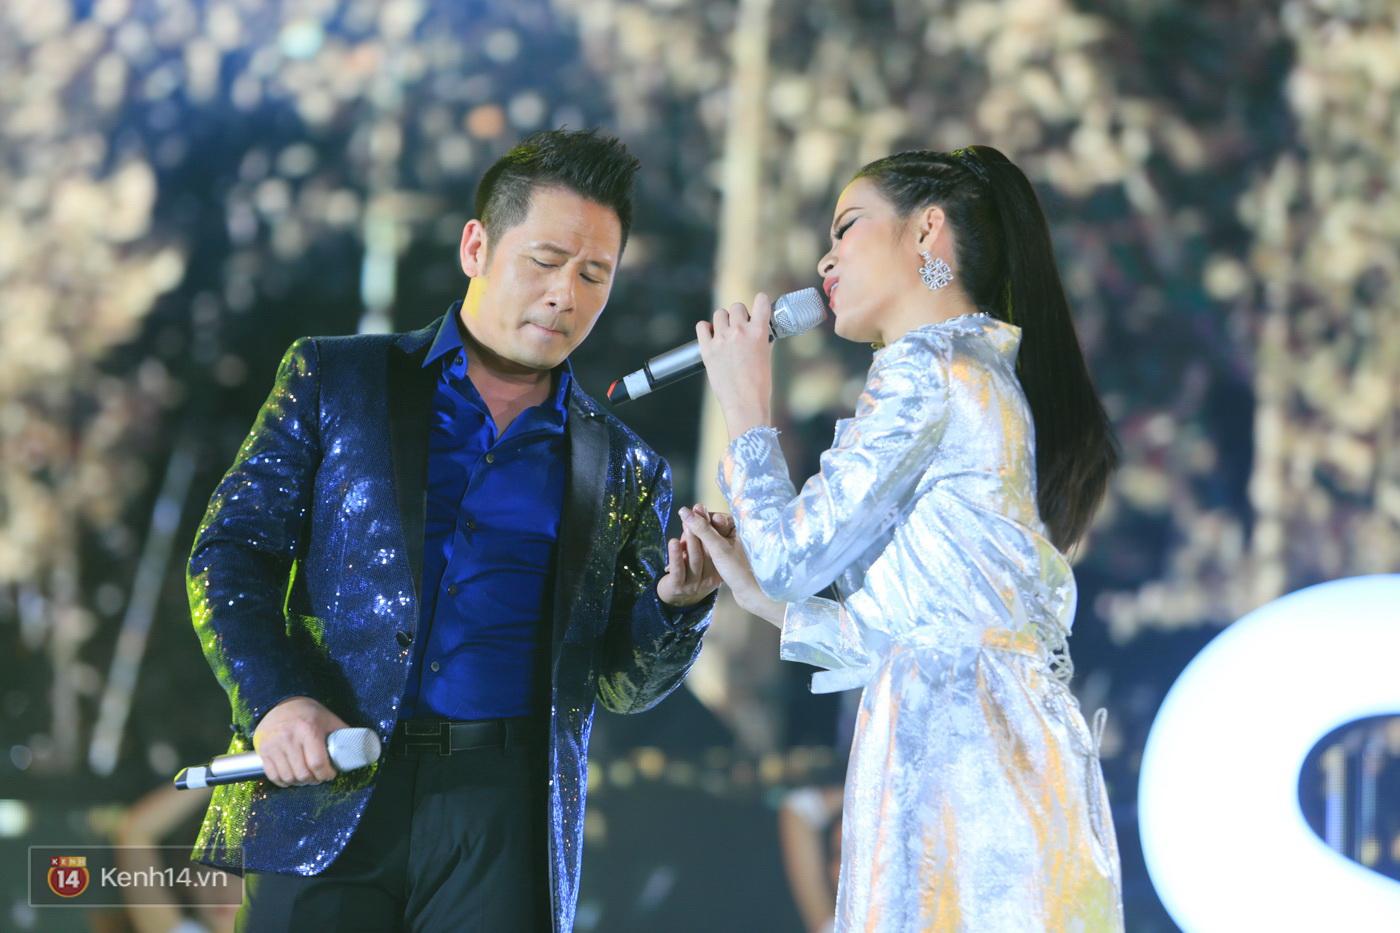 Bằng Kiều song ca Đông Nhi: Sân khấu kết hợp bất ngờ khiến cộng đồng fan dậy sóng - Ảnh 5.